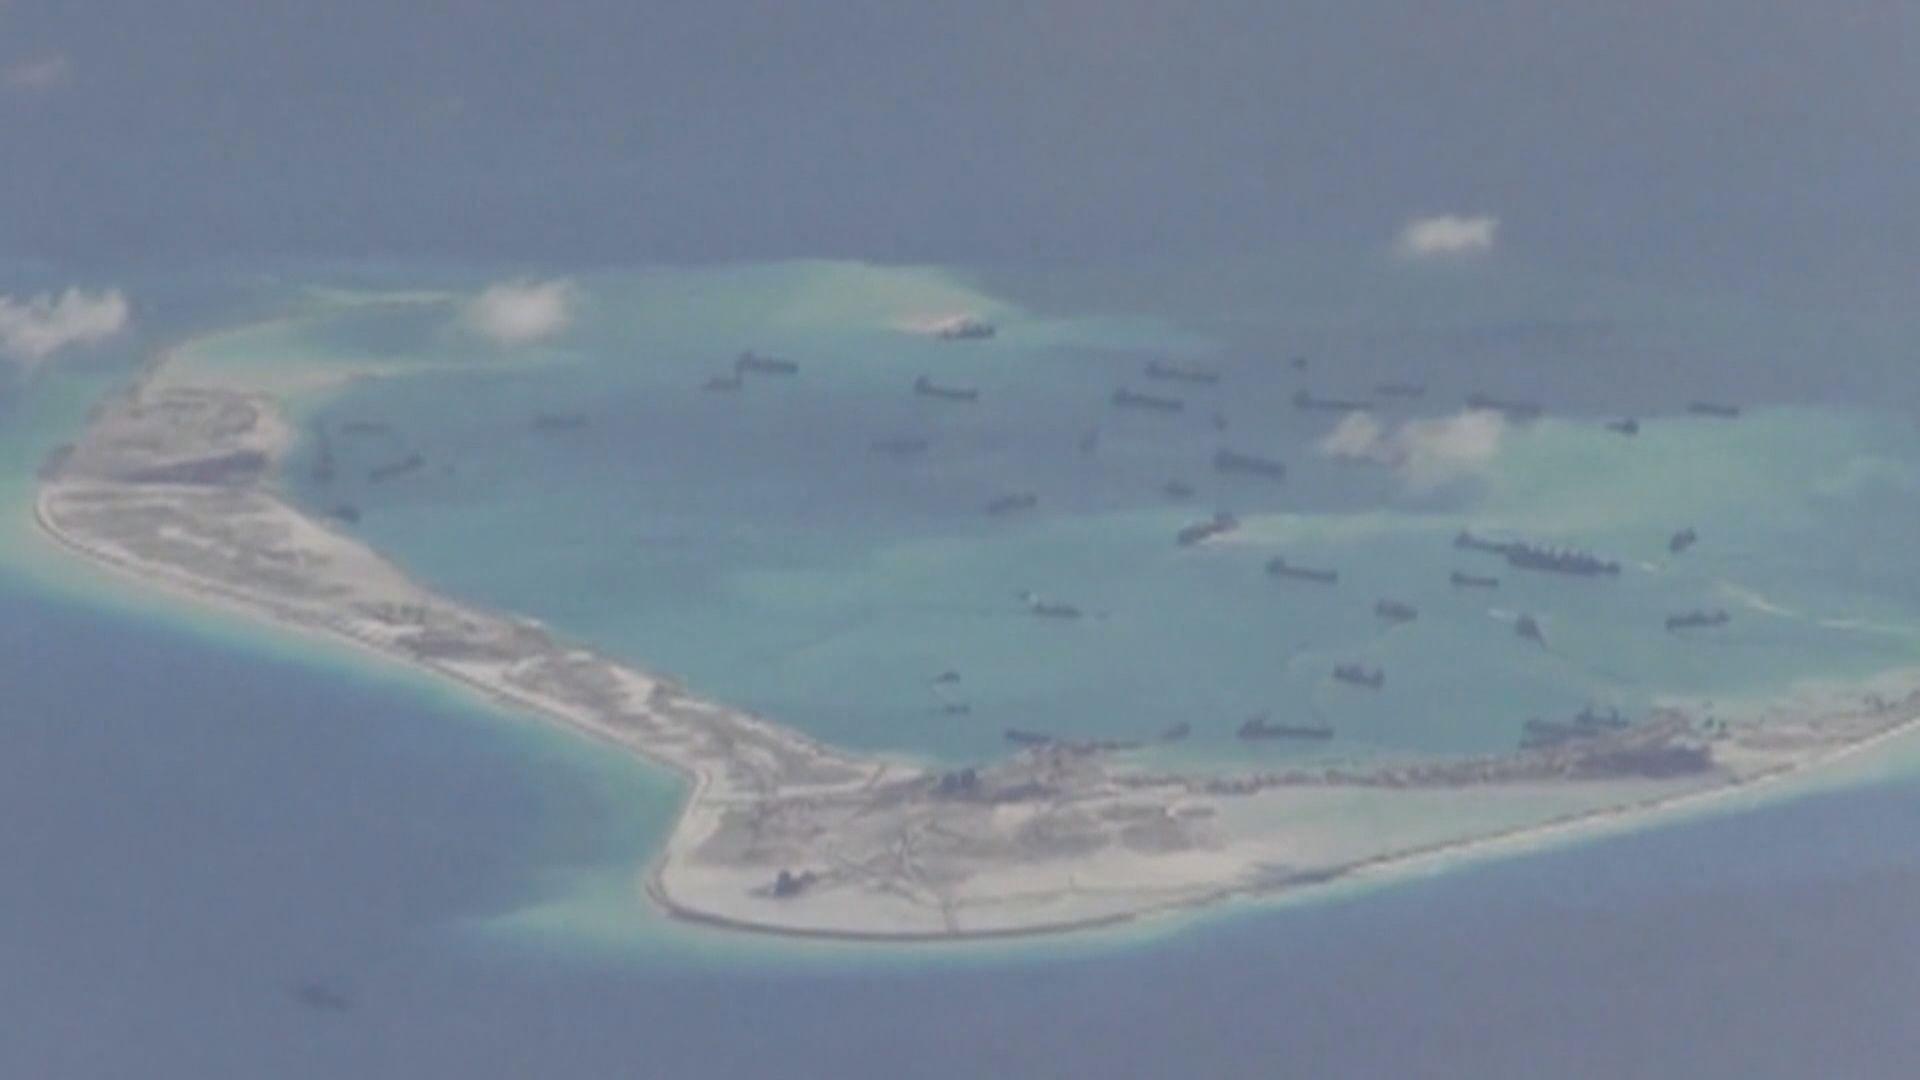 中方稱美在南海問題上錯誤表態 表示堅決反對